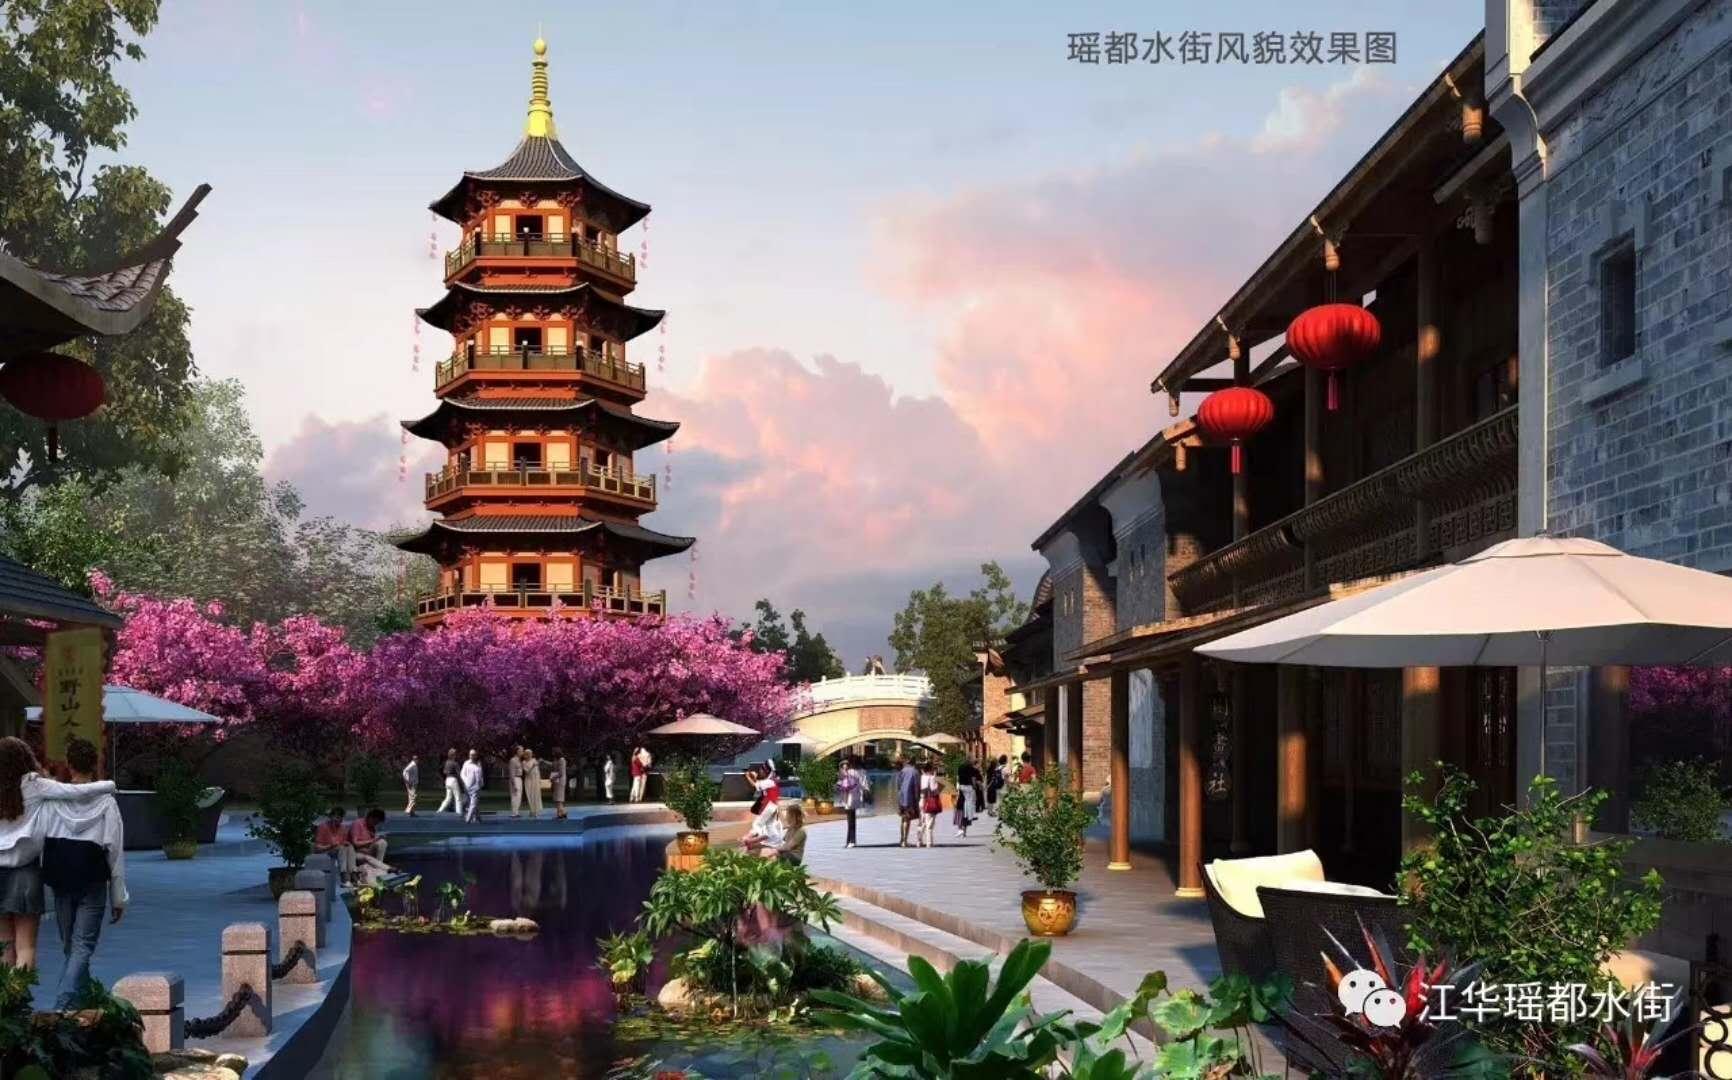 永州江华瑶都水街中国爱情小镇